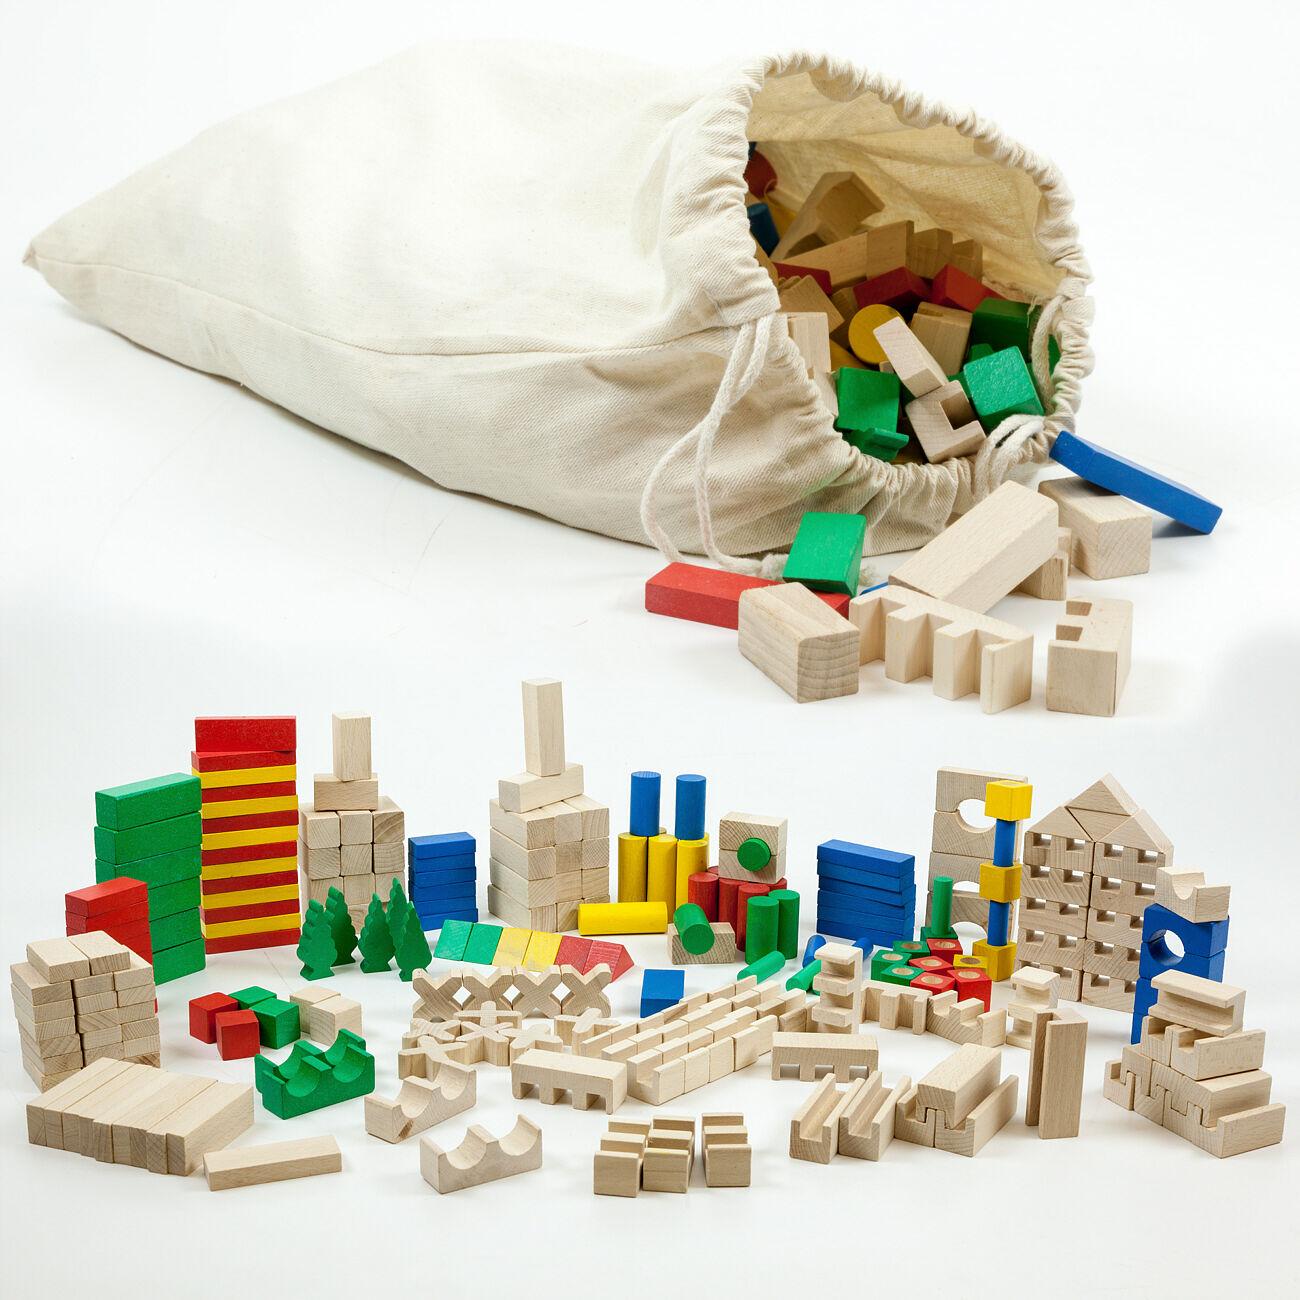 HolzFee 420 bunte Bausteine Holz Bauklötze Holzbausteine Spielzeug Holzklötze